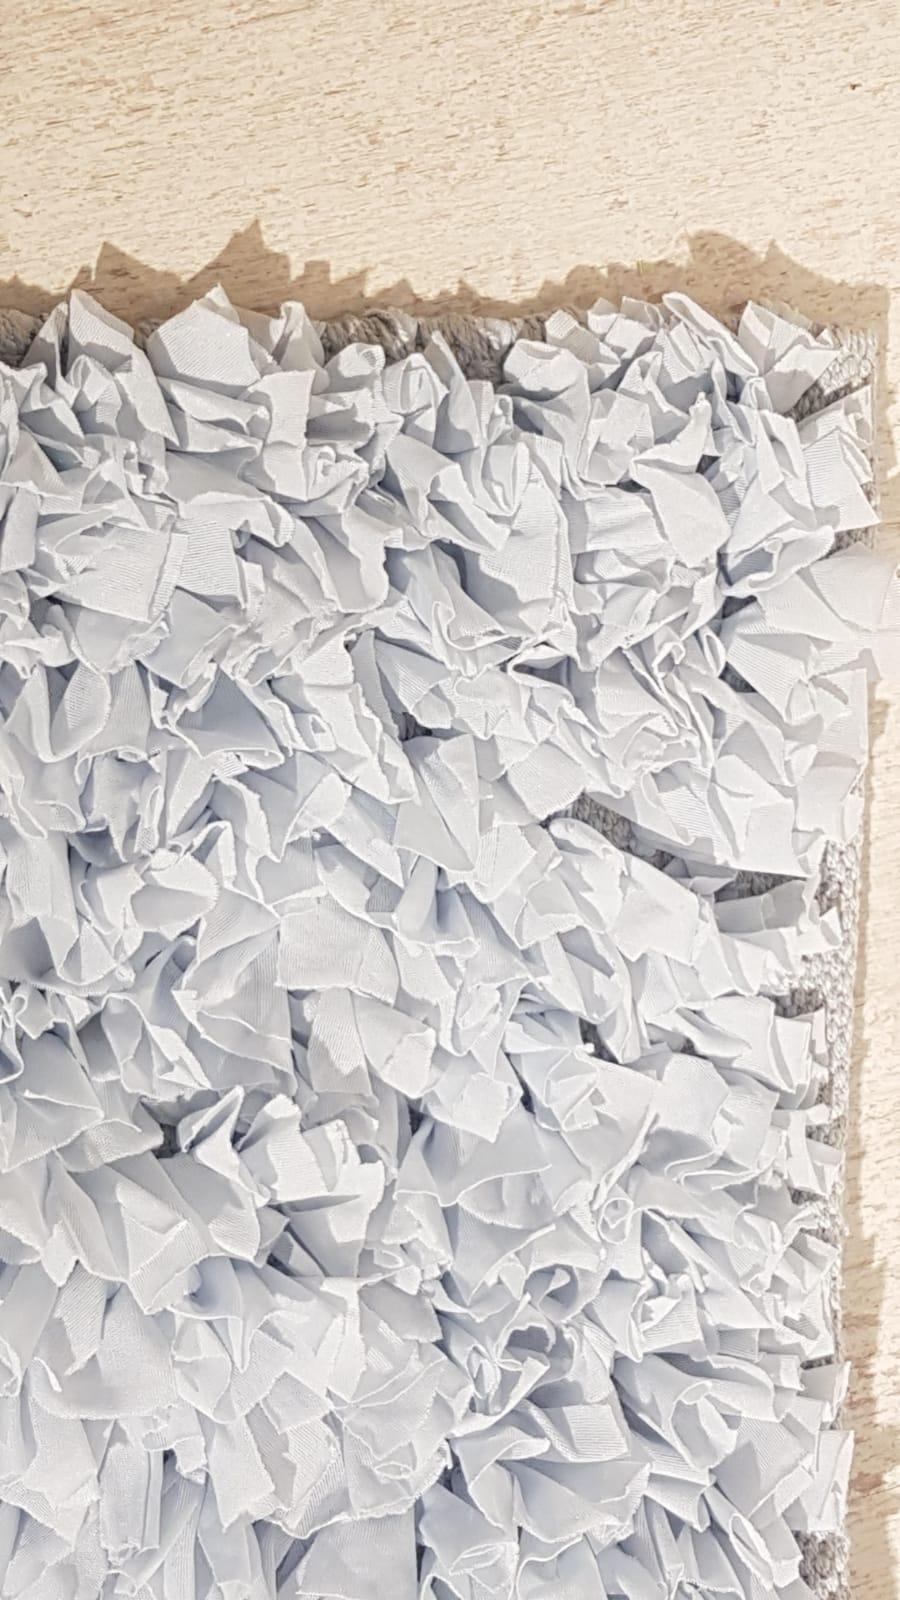 שטיח מלבן לחדר ילדים תכלת בהיר 140/200 ס